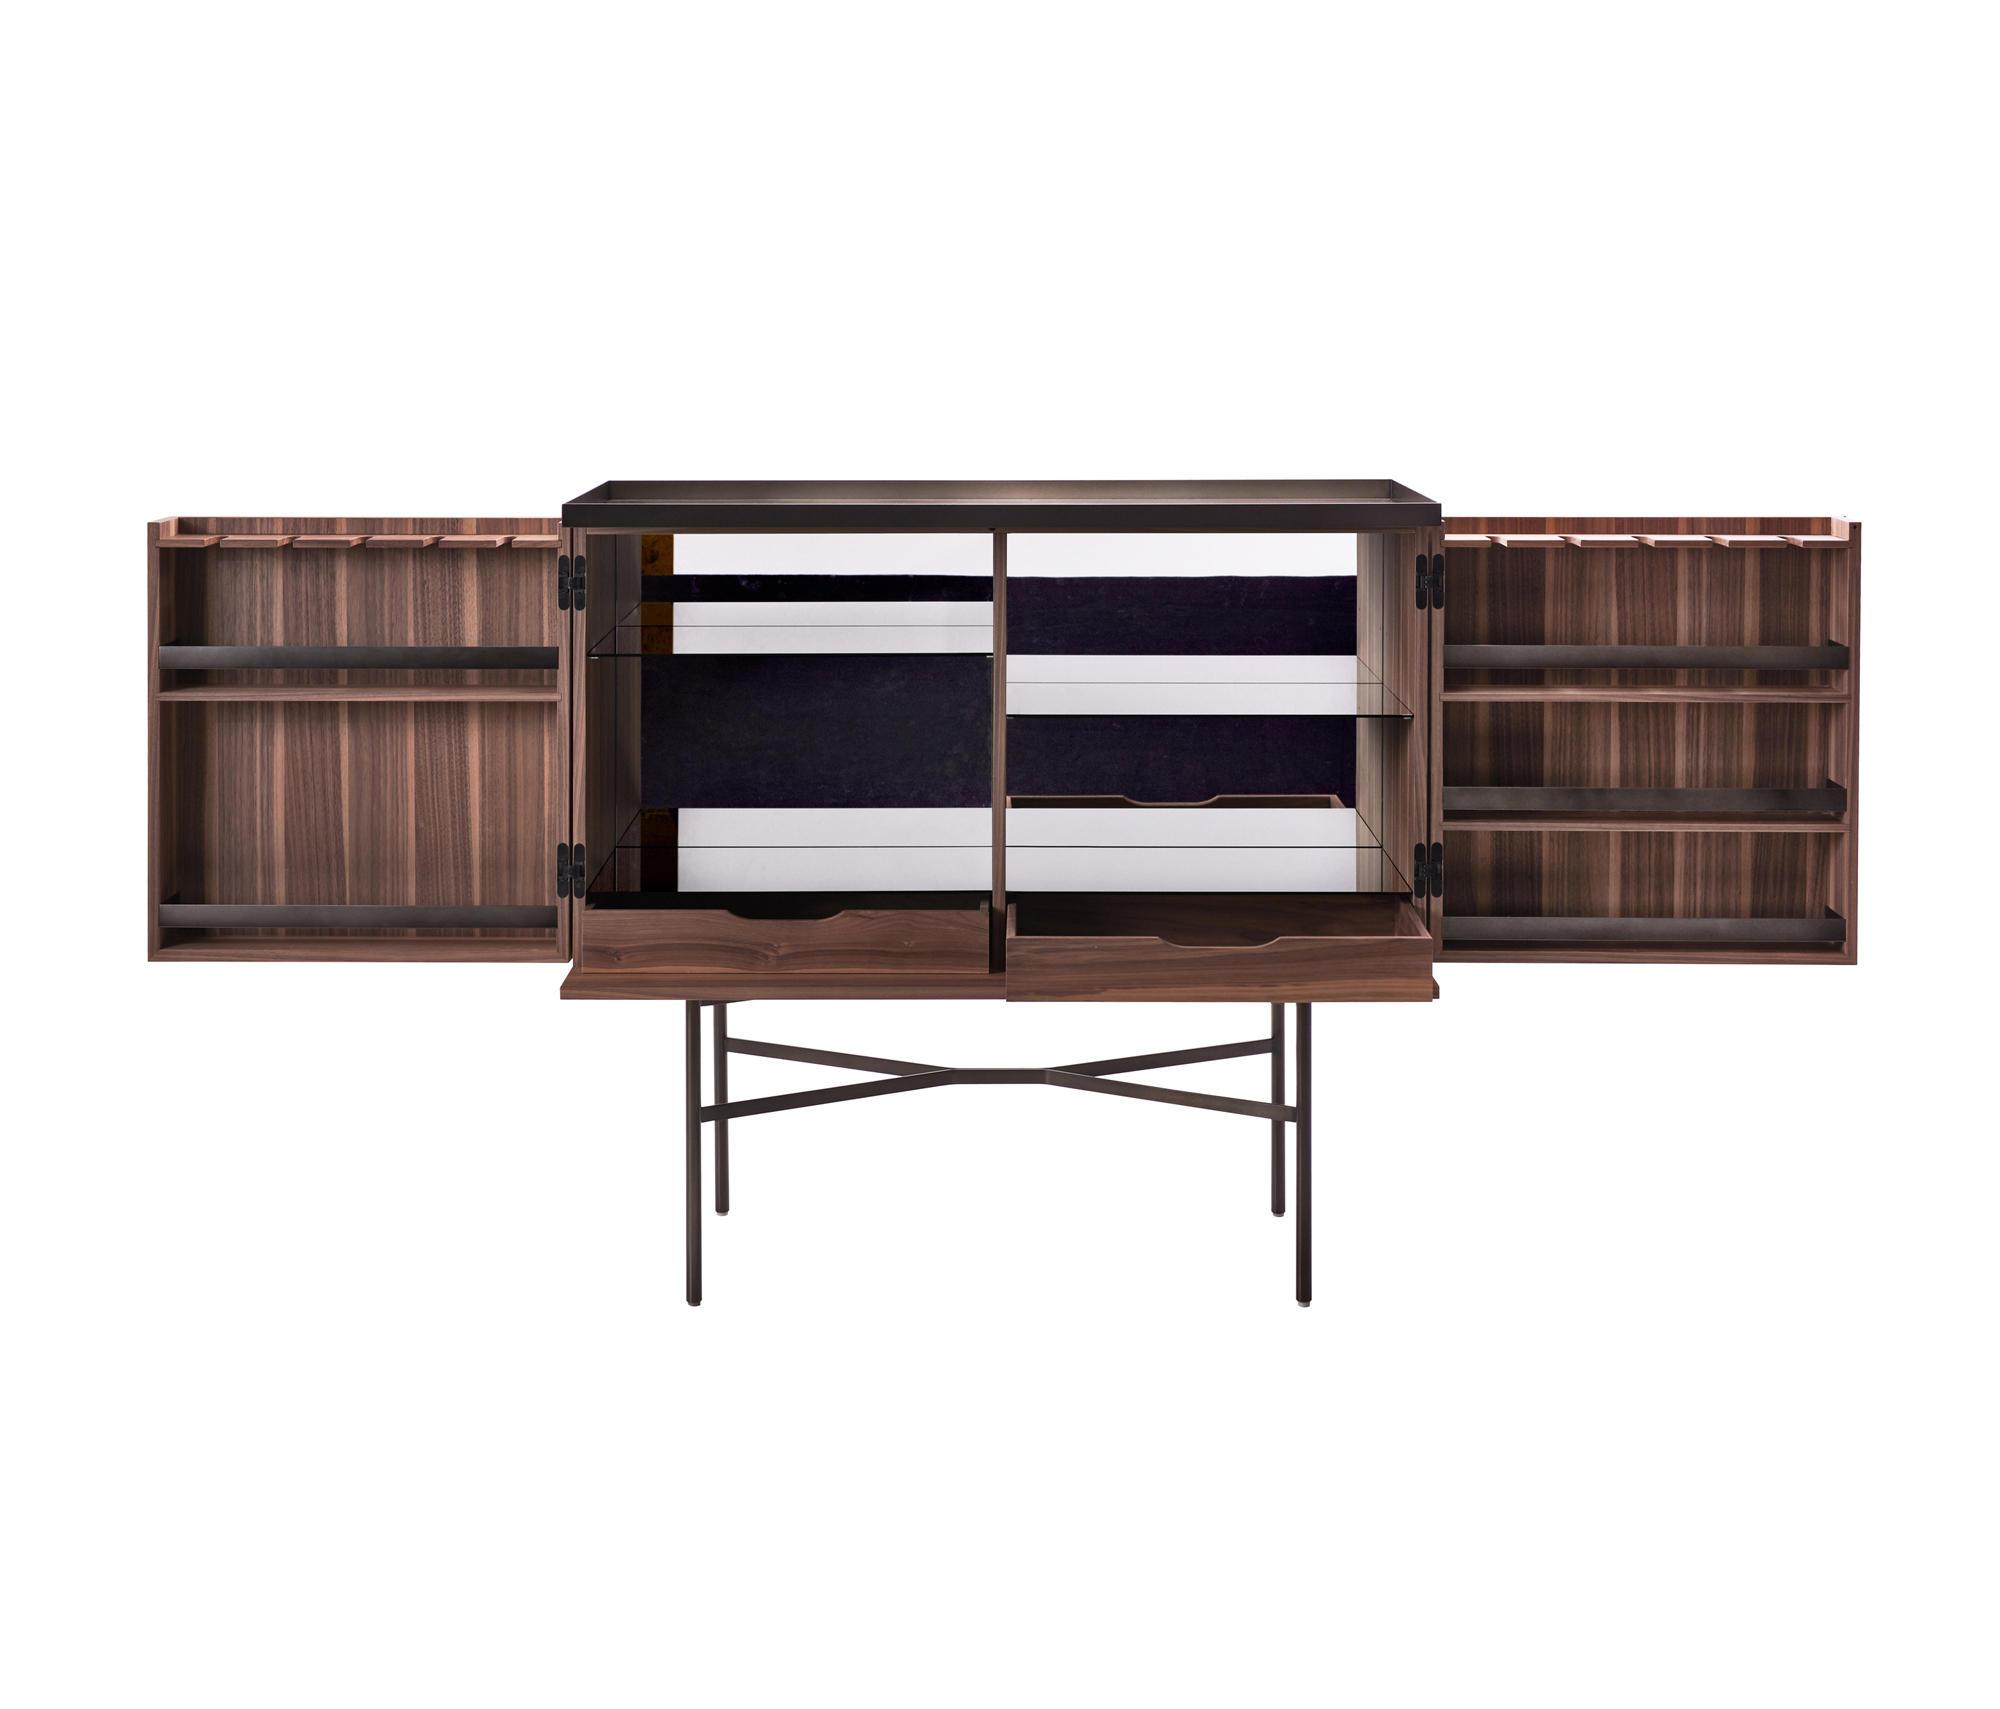 harri barschrank barschr nke hausbars von more. Black Bedroom Furniture Sets. Home Design Ideas